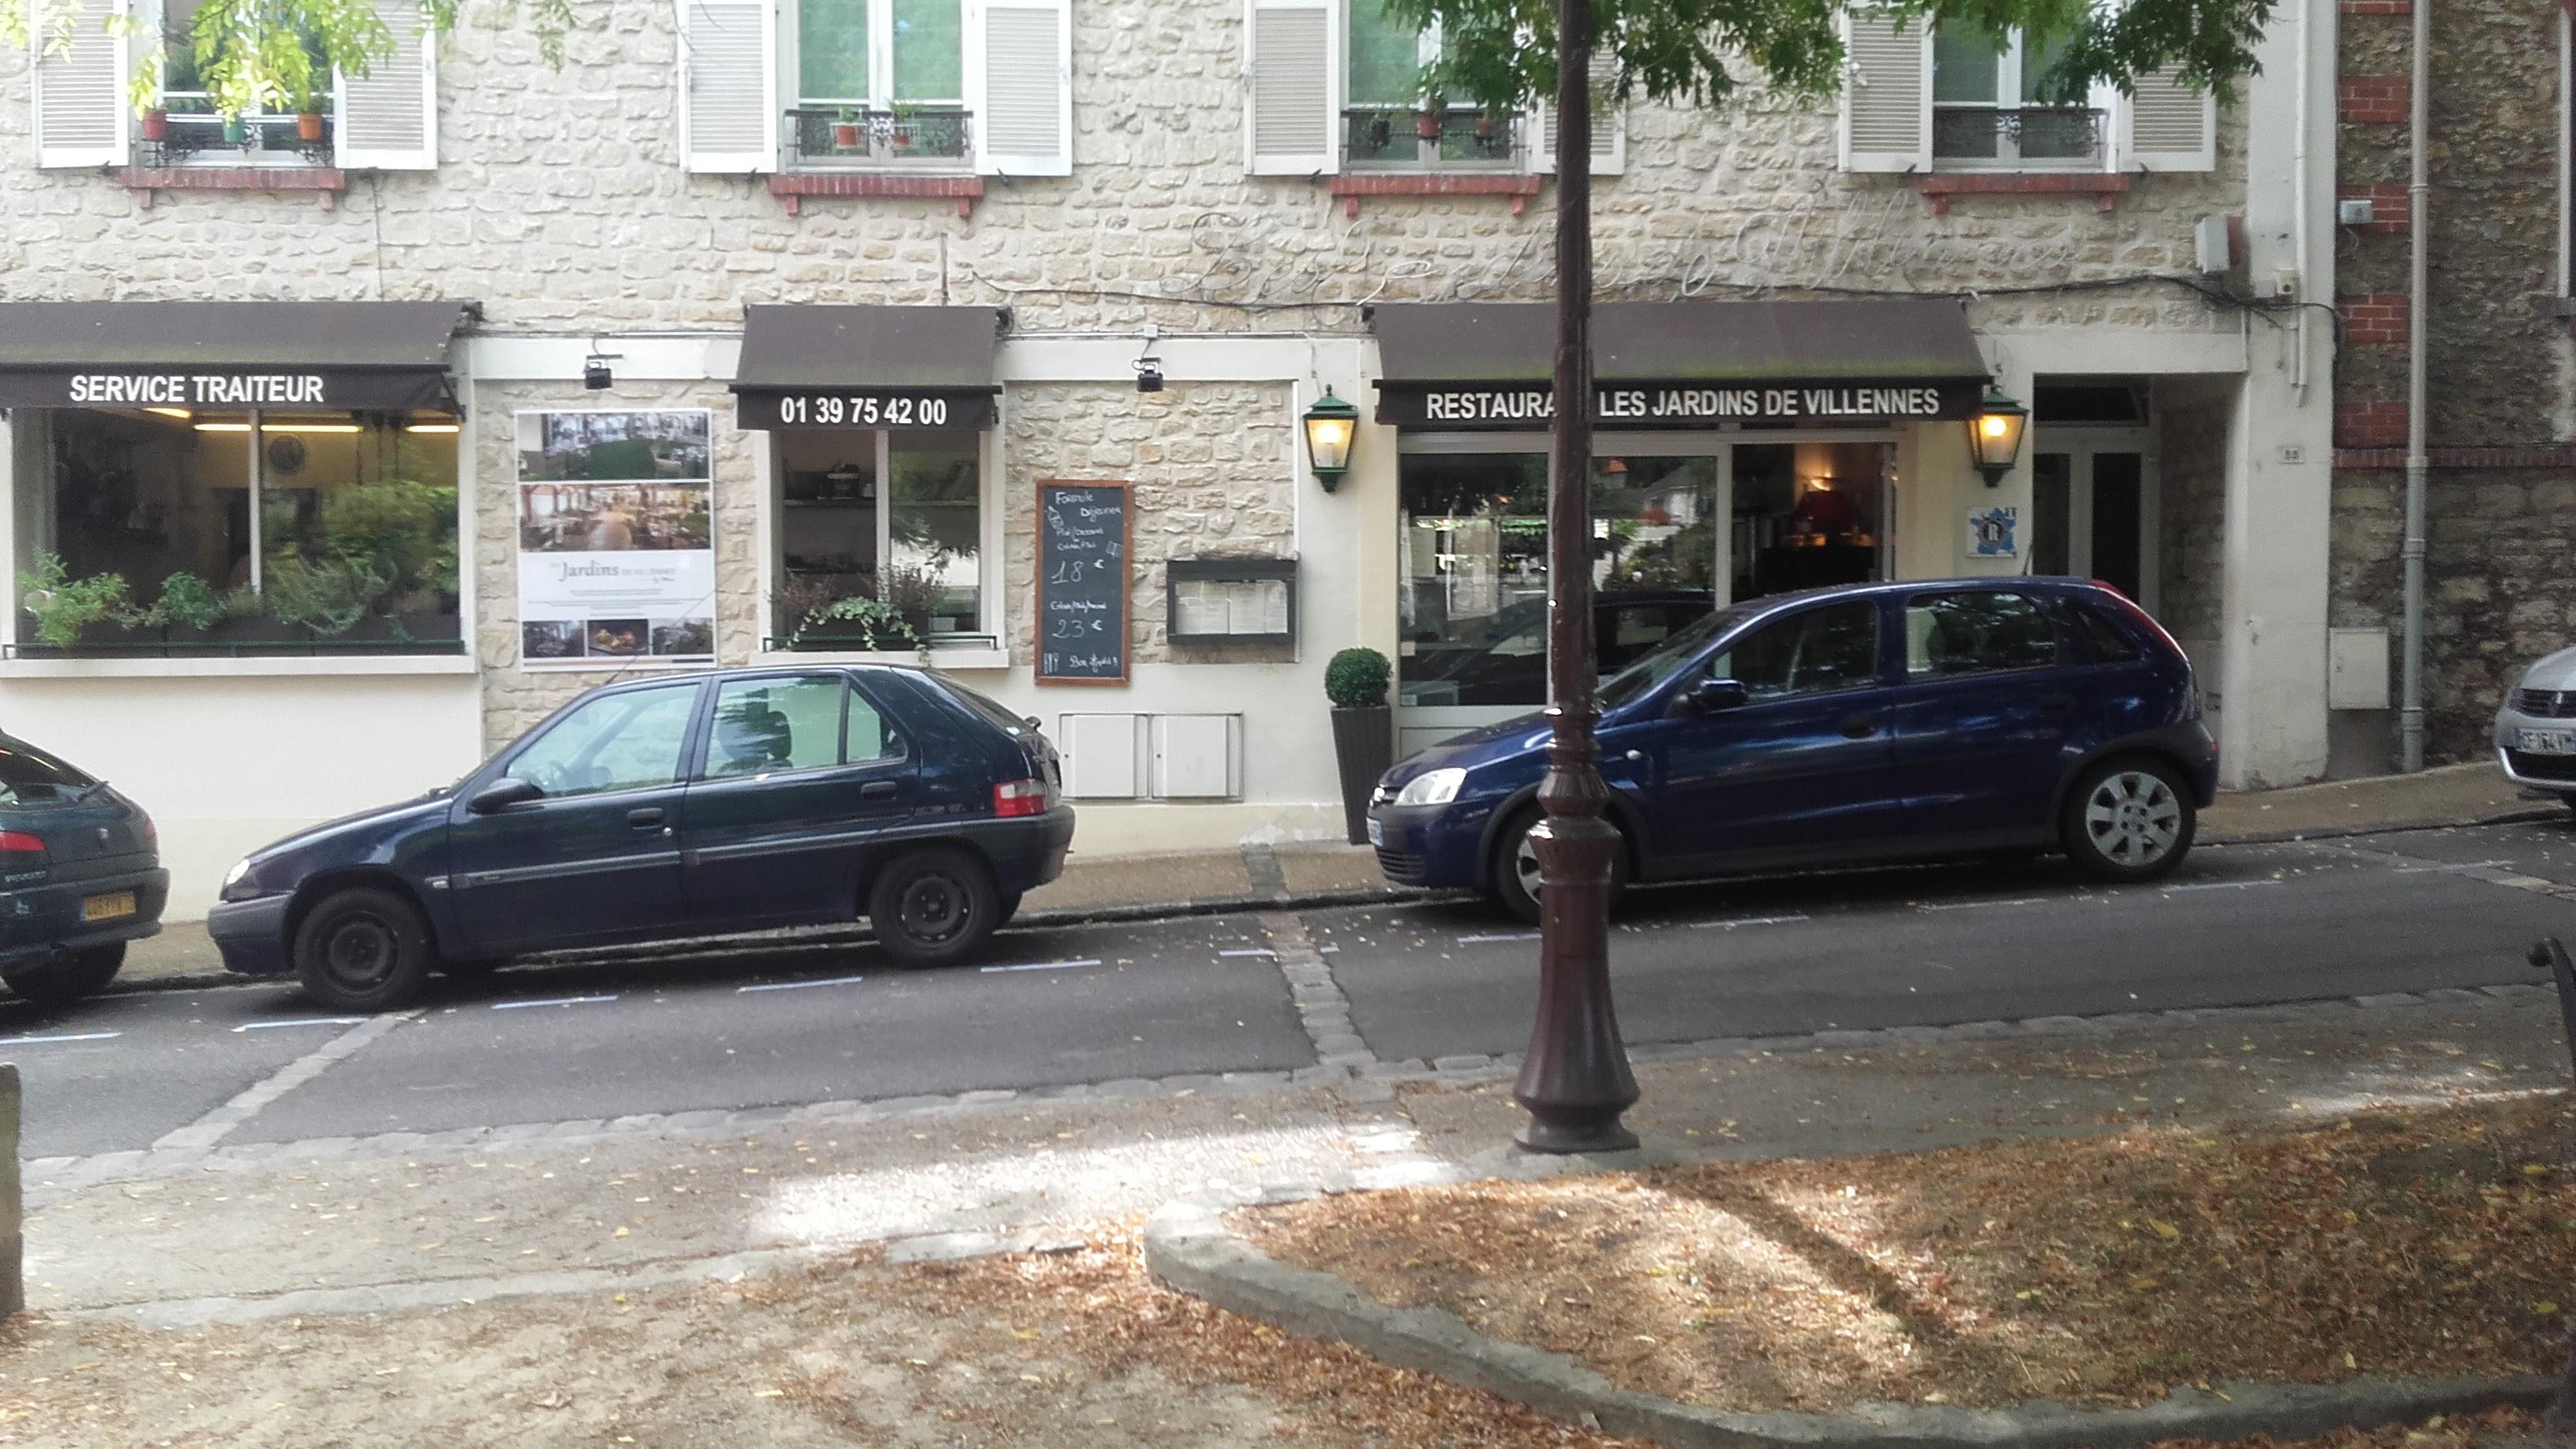 Restaurant Les Jardins de Villennes dans le centre ville de Villennes sur Seine